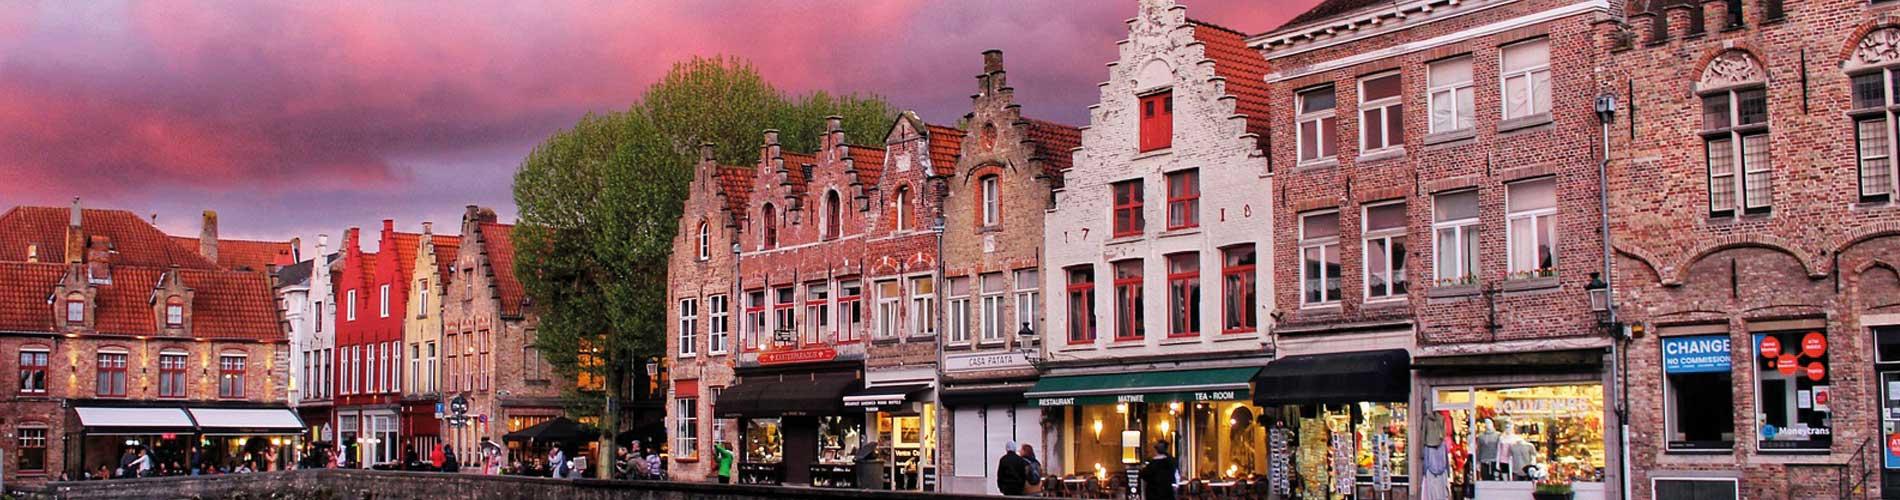 Blog_BelgianBreaks2020_Bruges_Shopping_1900x500_Q120